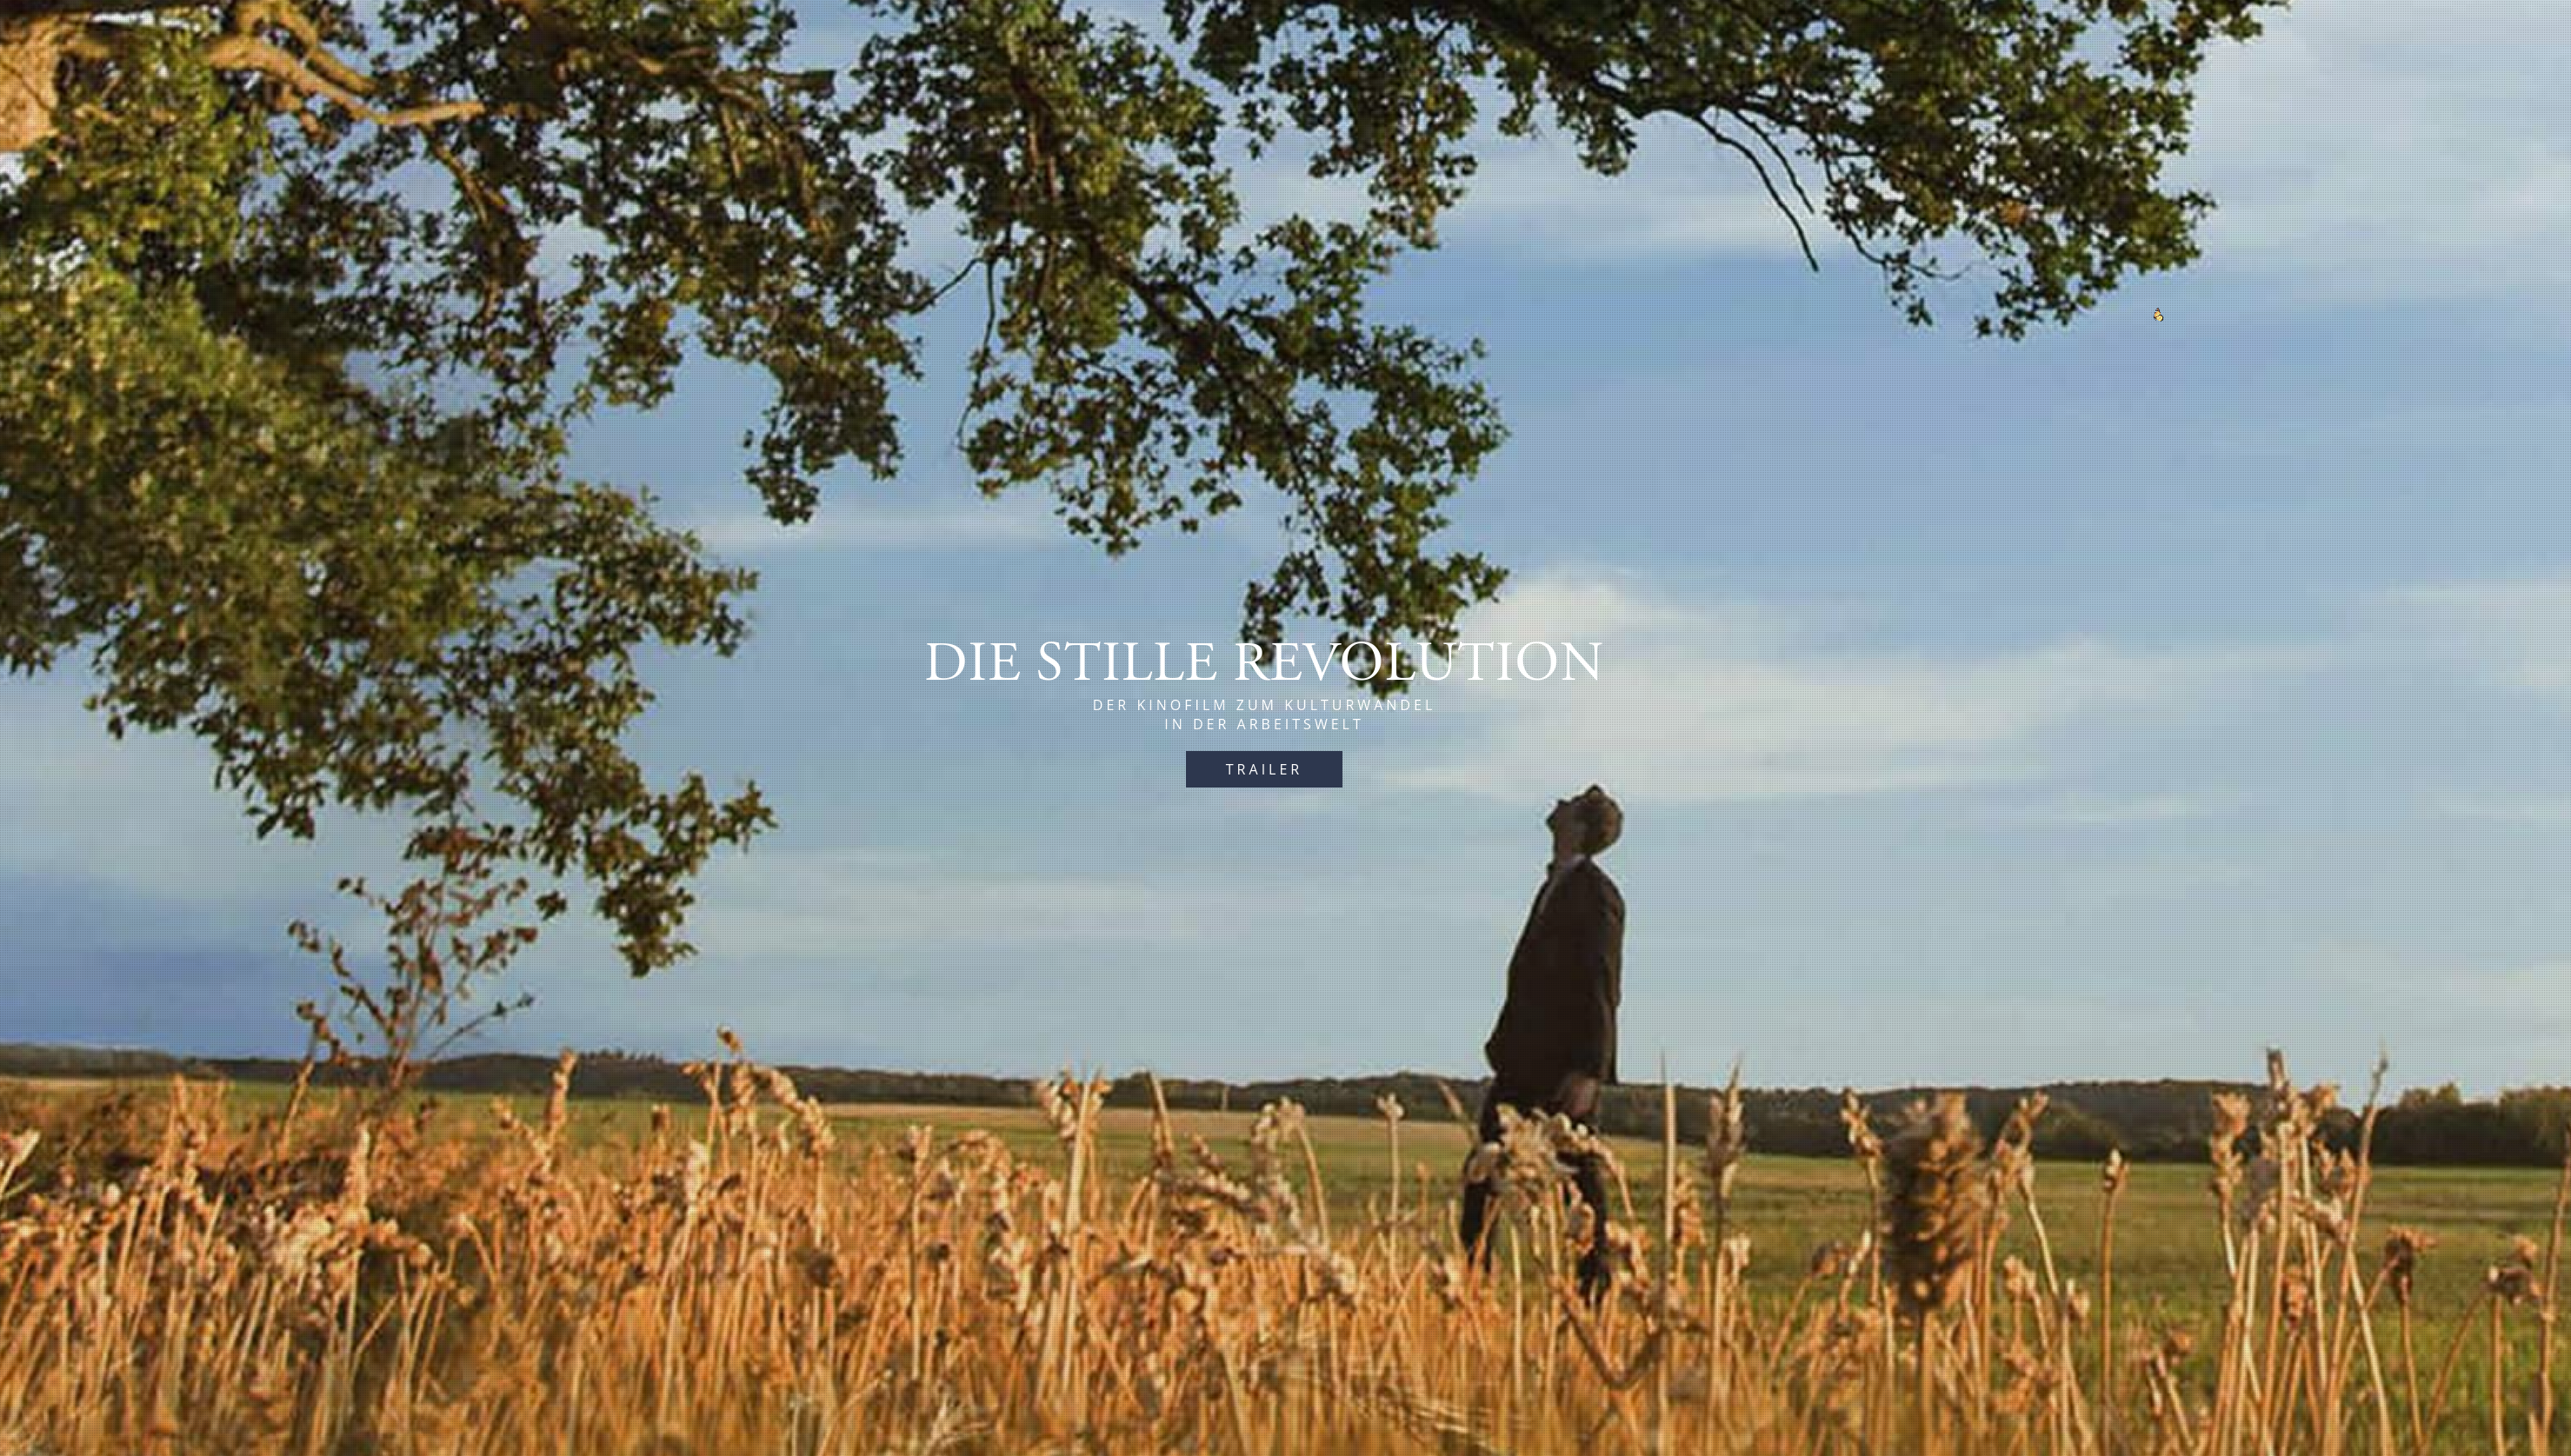 Mann in Feld schaut auf Baum